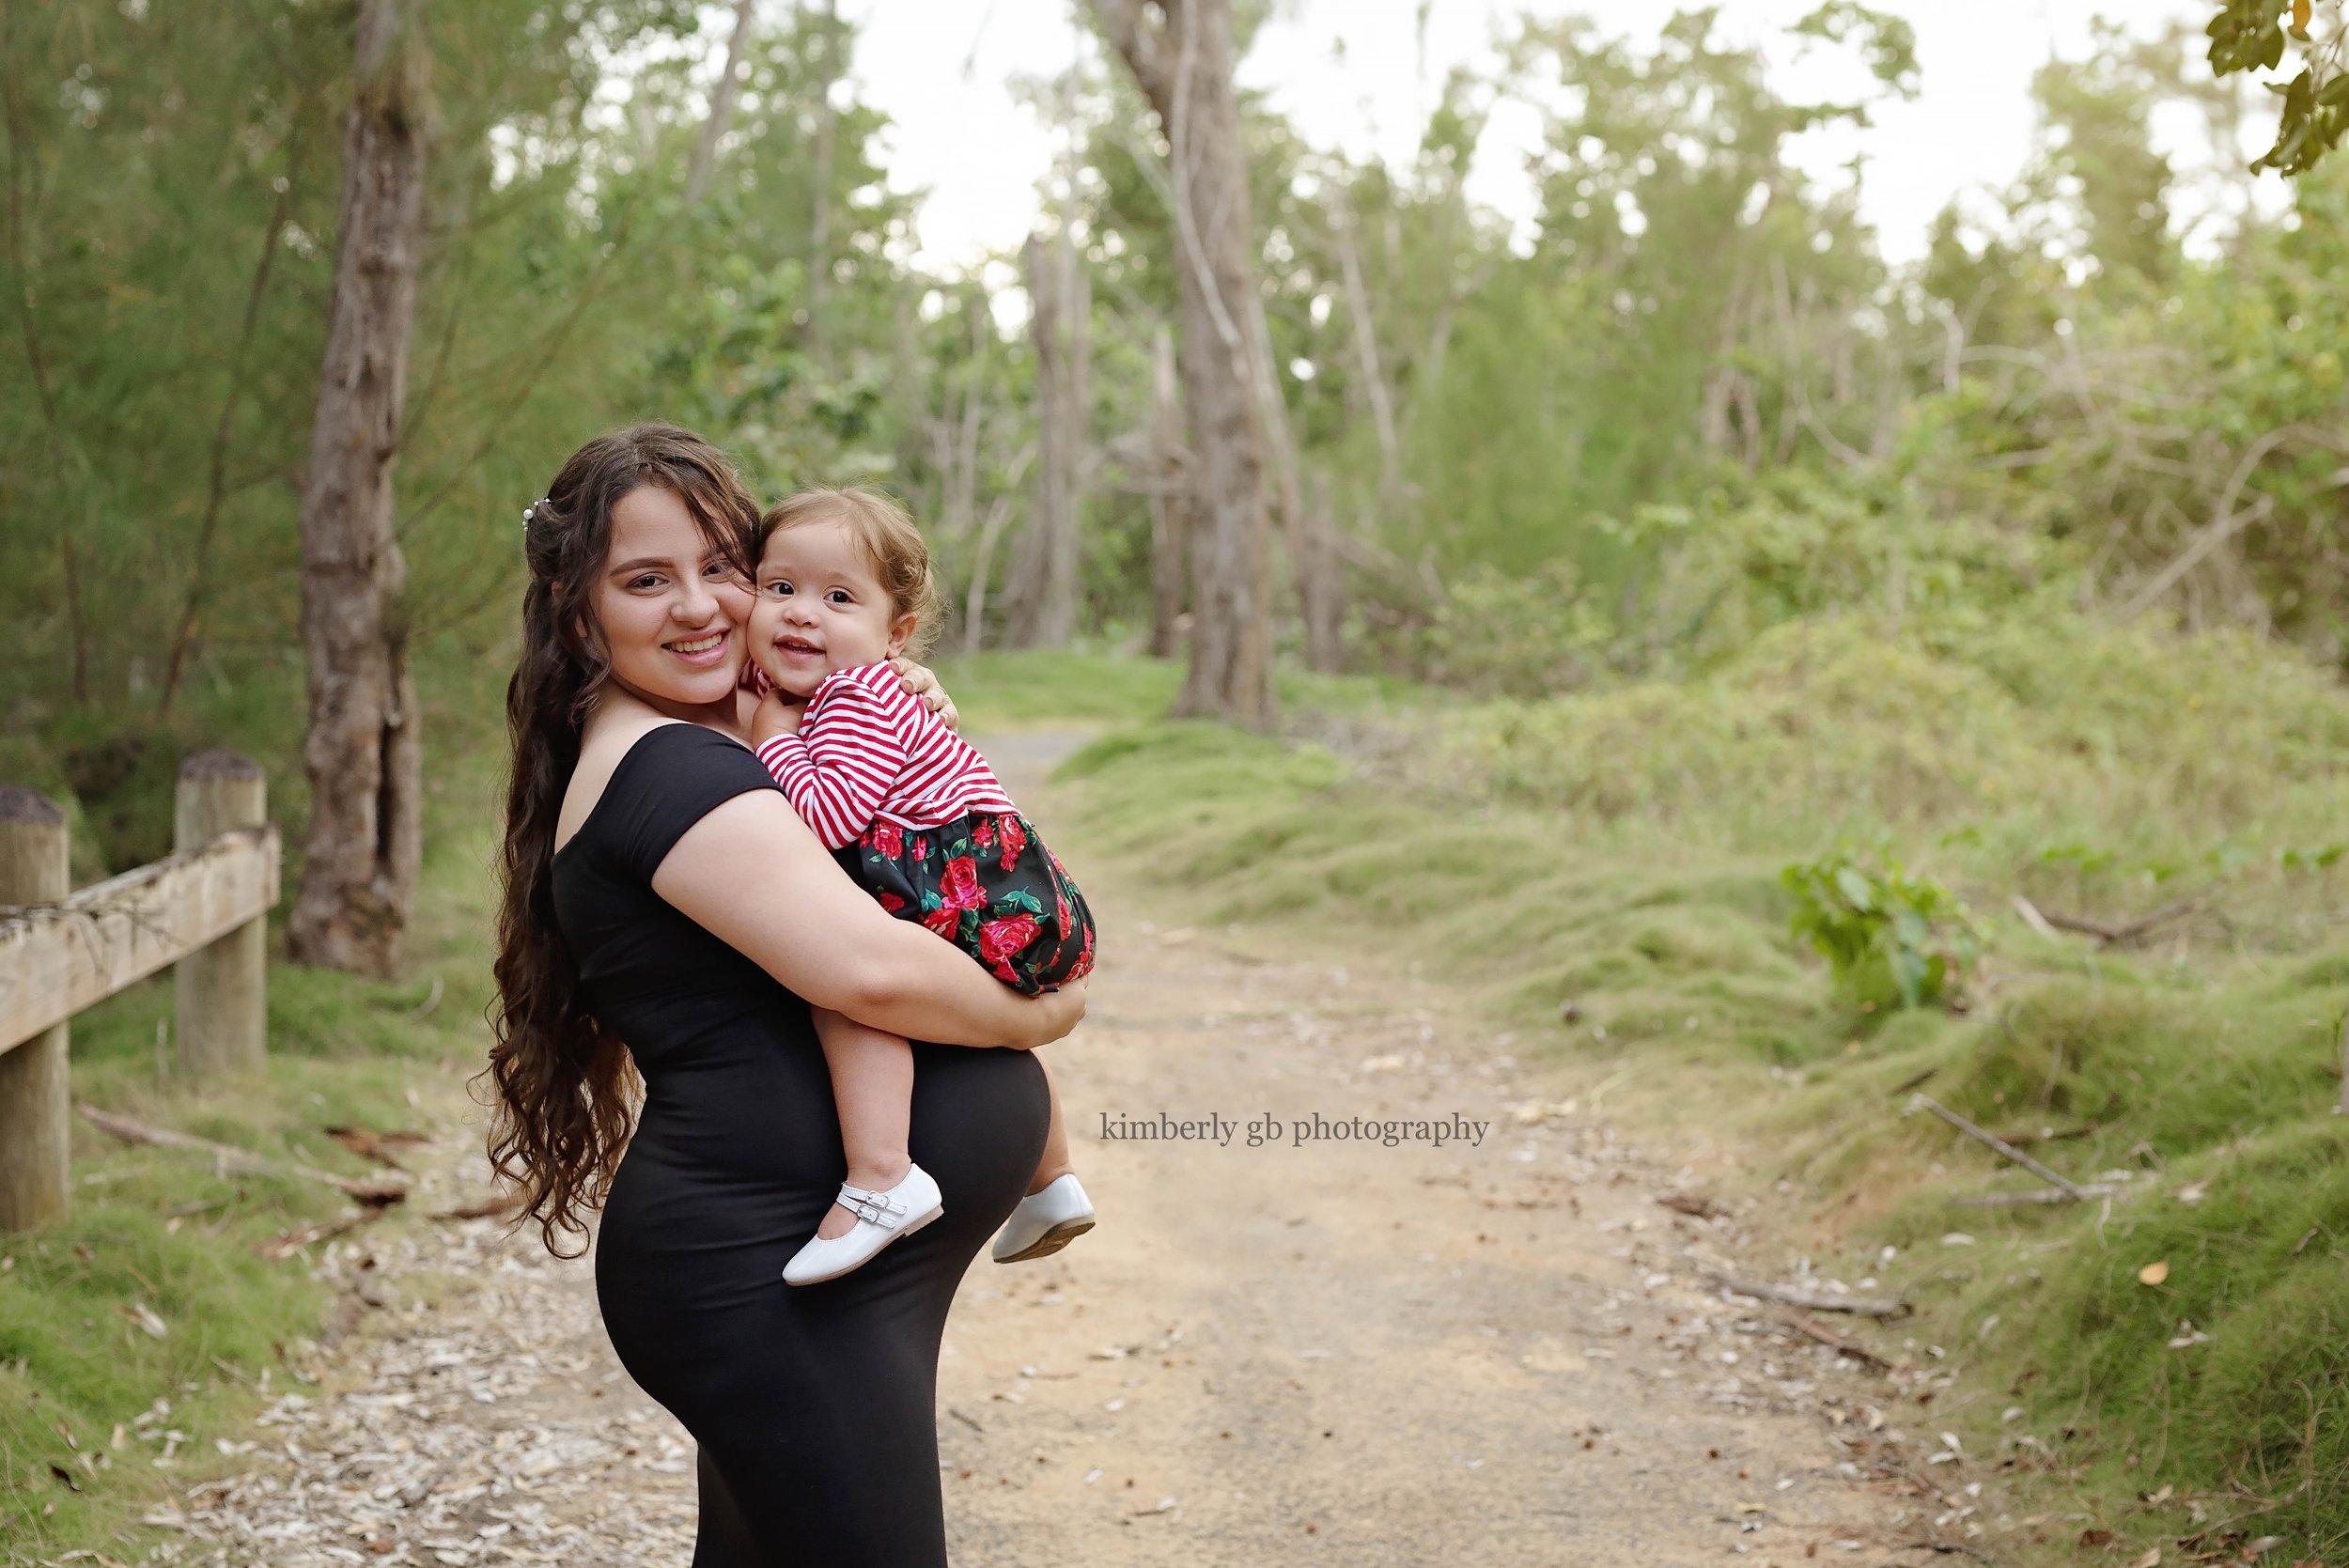 fotografia-fotografa-de-maternidad-embarazo-embarazada-en-puerto-rico-fotografia-171.jpg